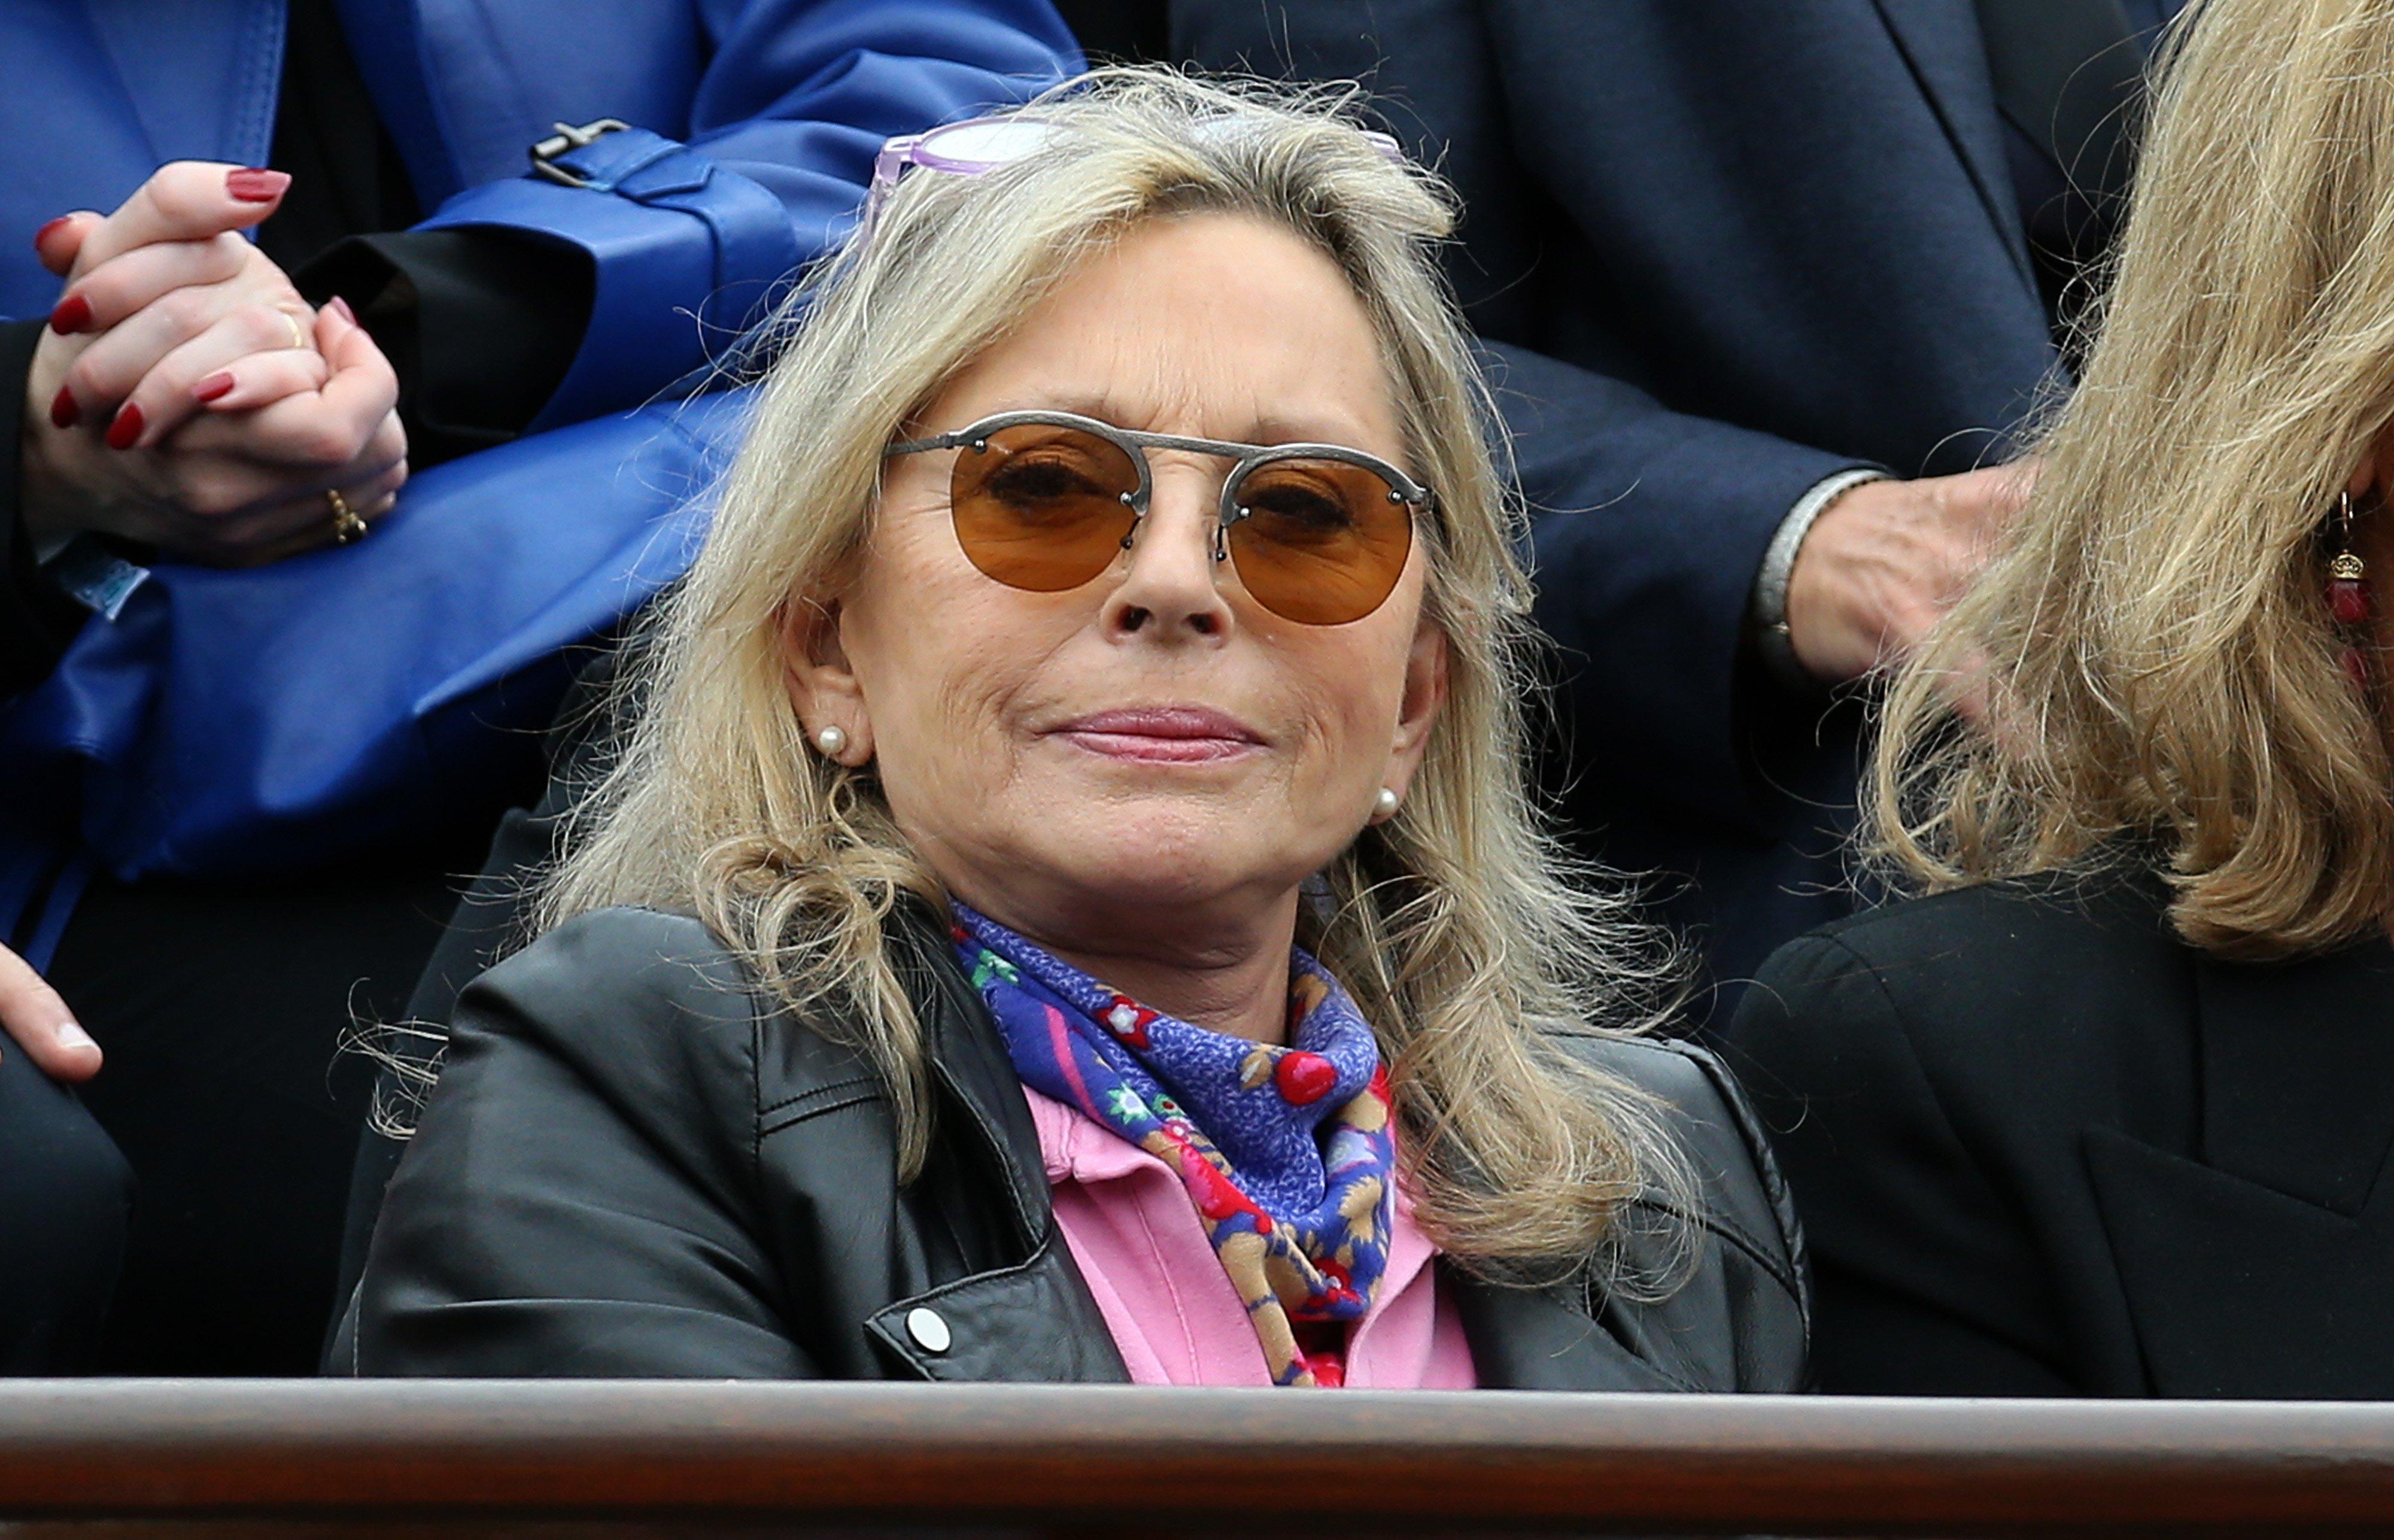 Véronique Sanson participe à la 10e journée de Roland-Garros 2014, à Paris, France | Photo : Getty